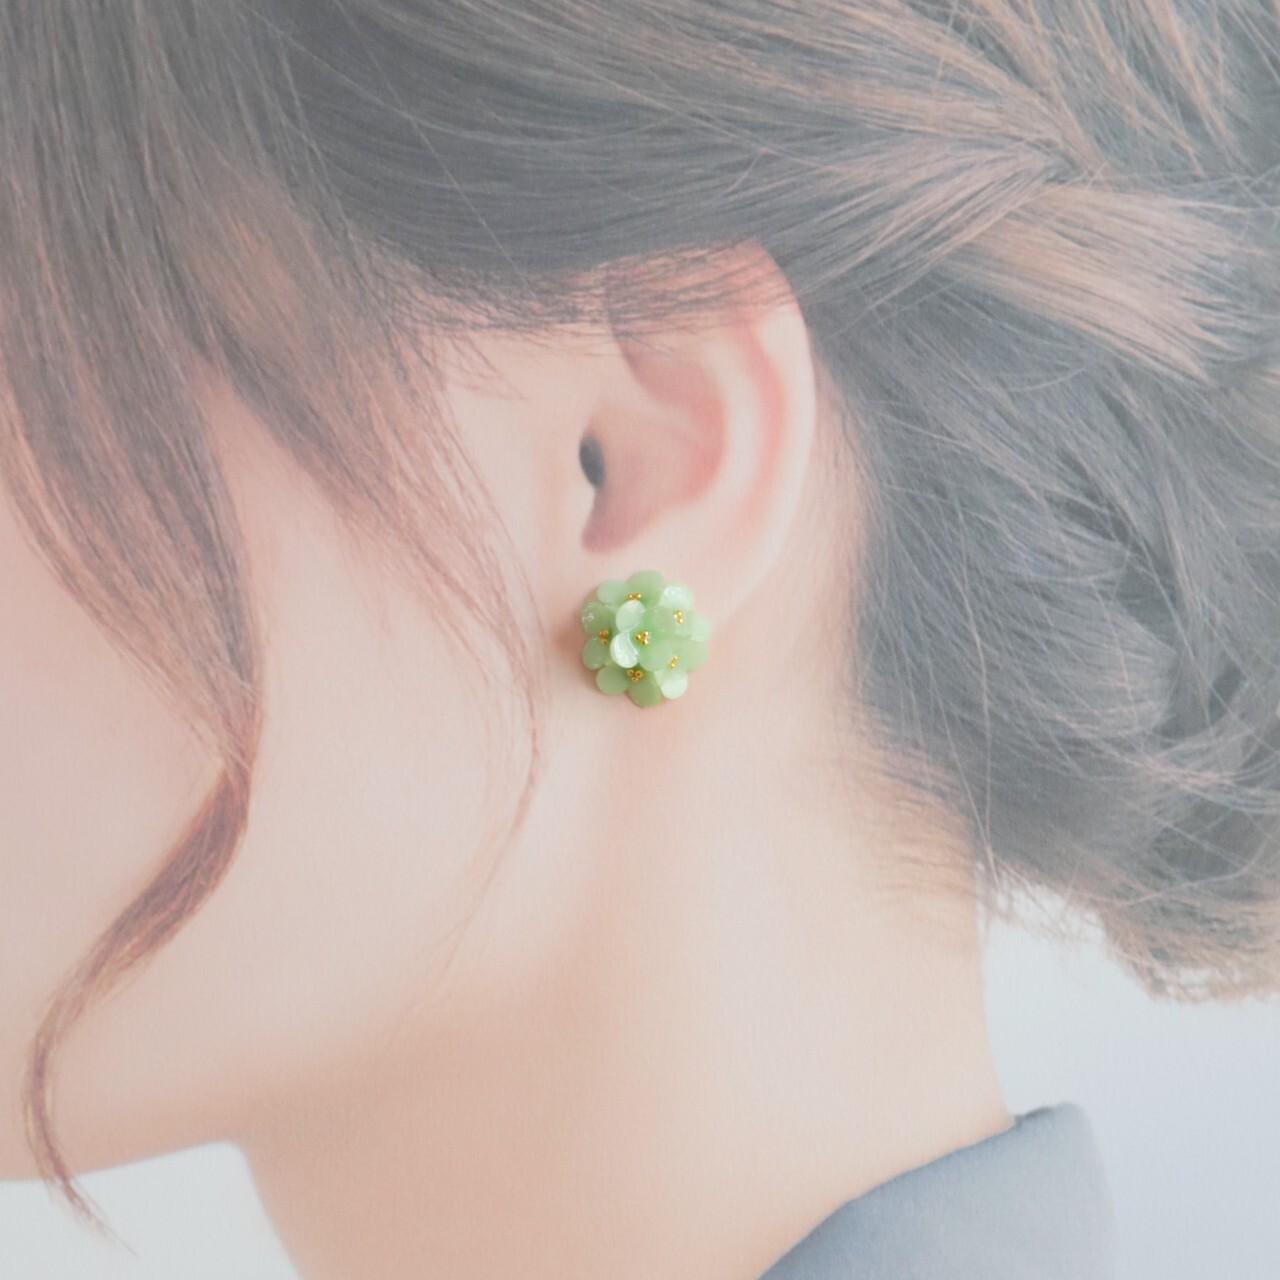 小花イヤリング・ピアス【グリーン】 春色・小さい花・緑・プレゼント・バレンタインに